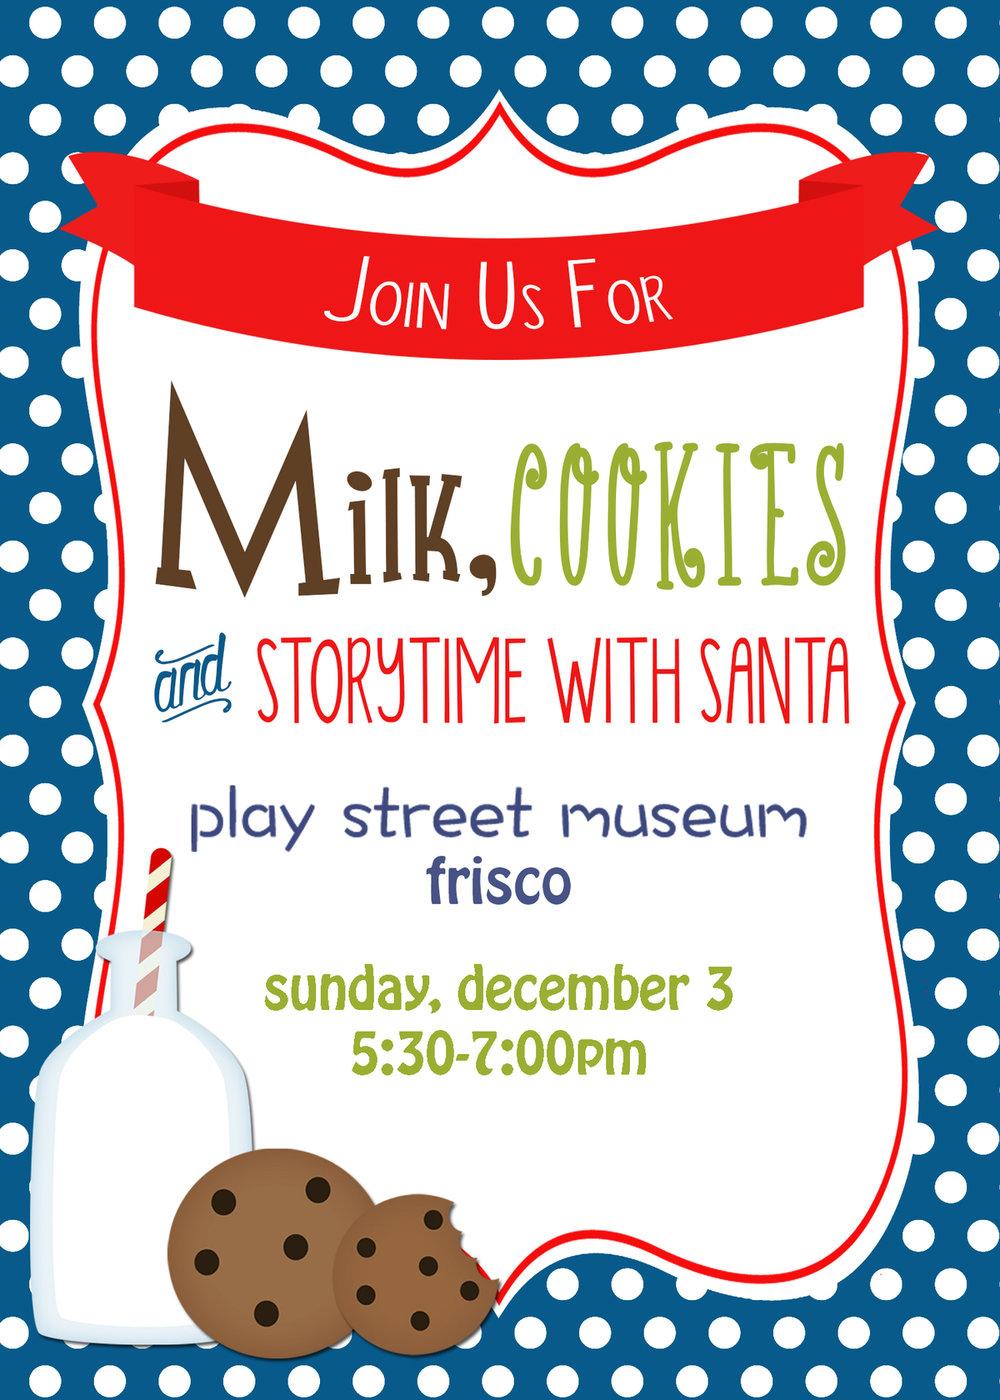 milk, cookies and storytime with santa.jpg